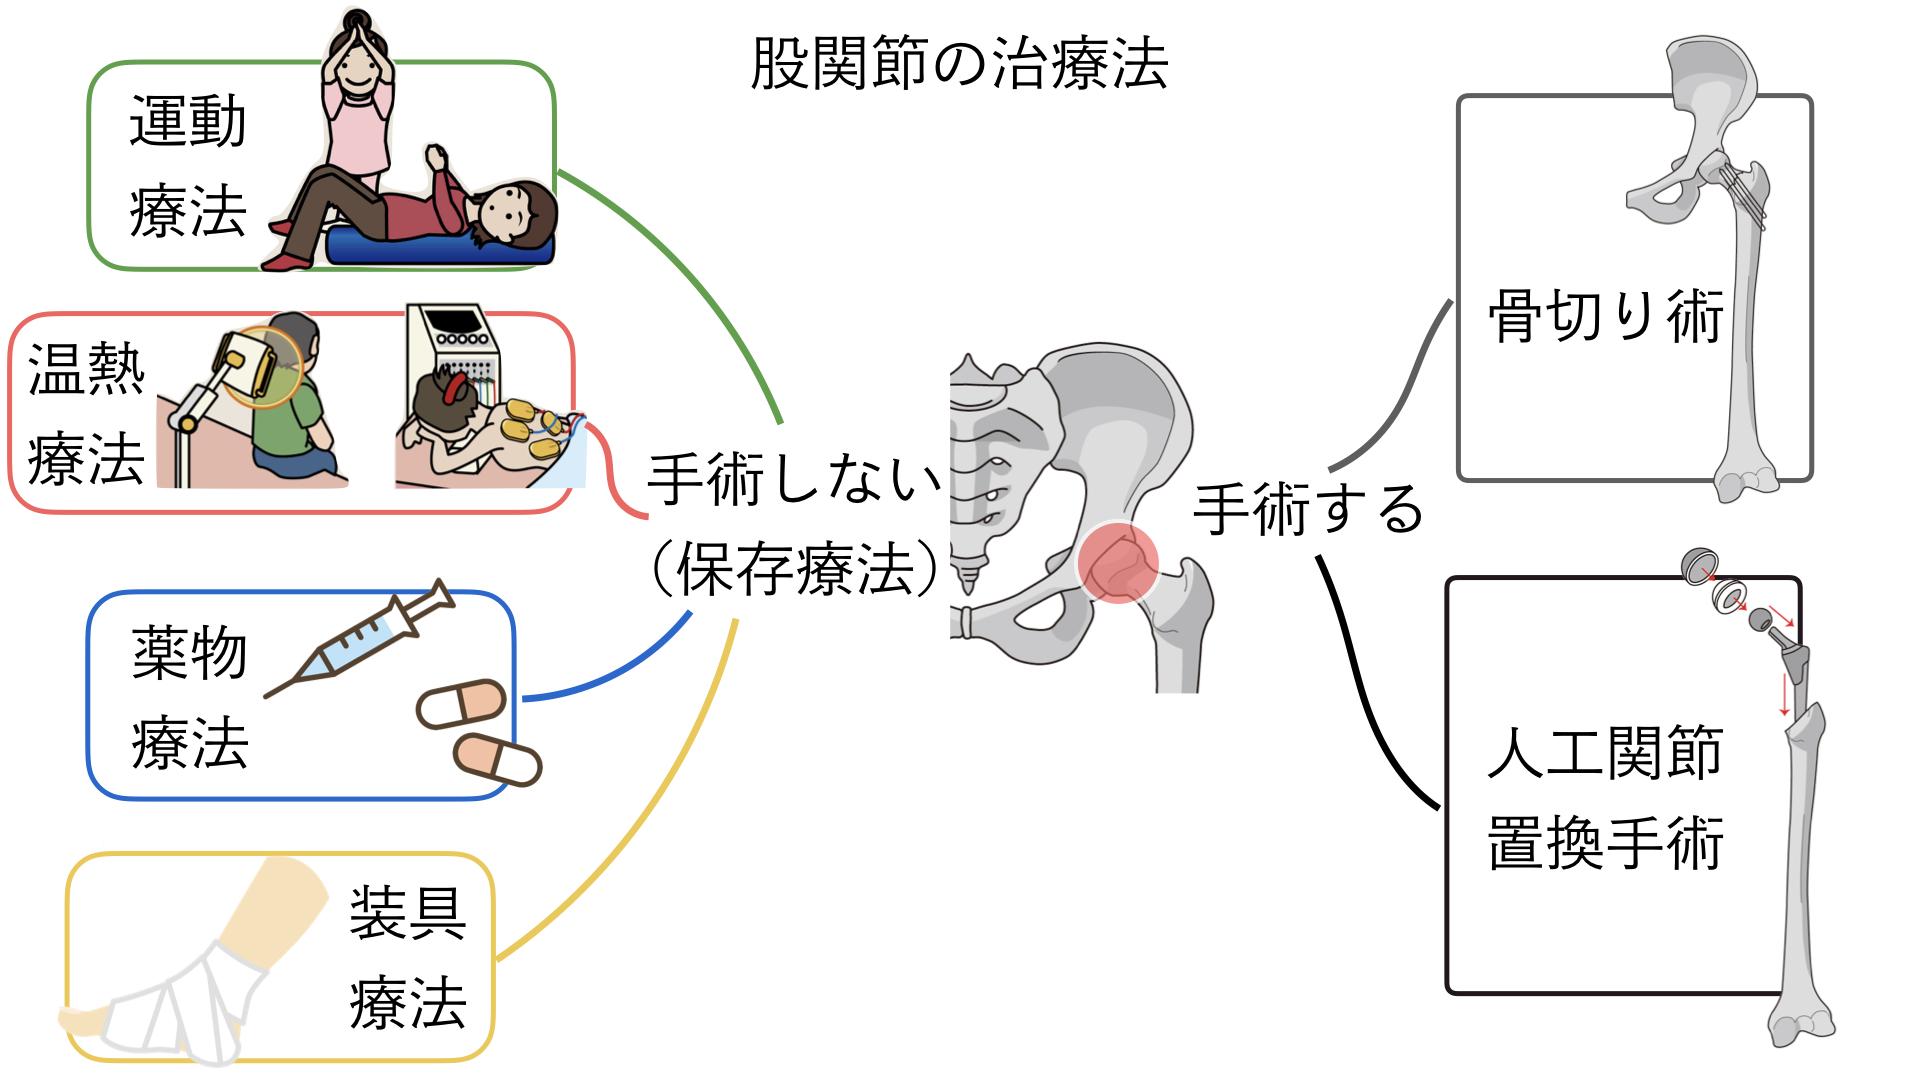 股関節 痛み 治療法 整形外科